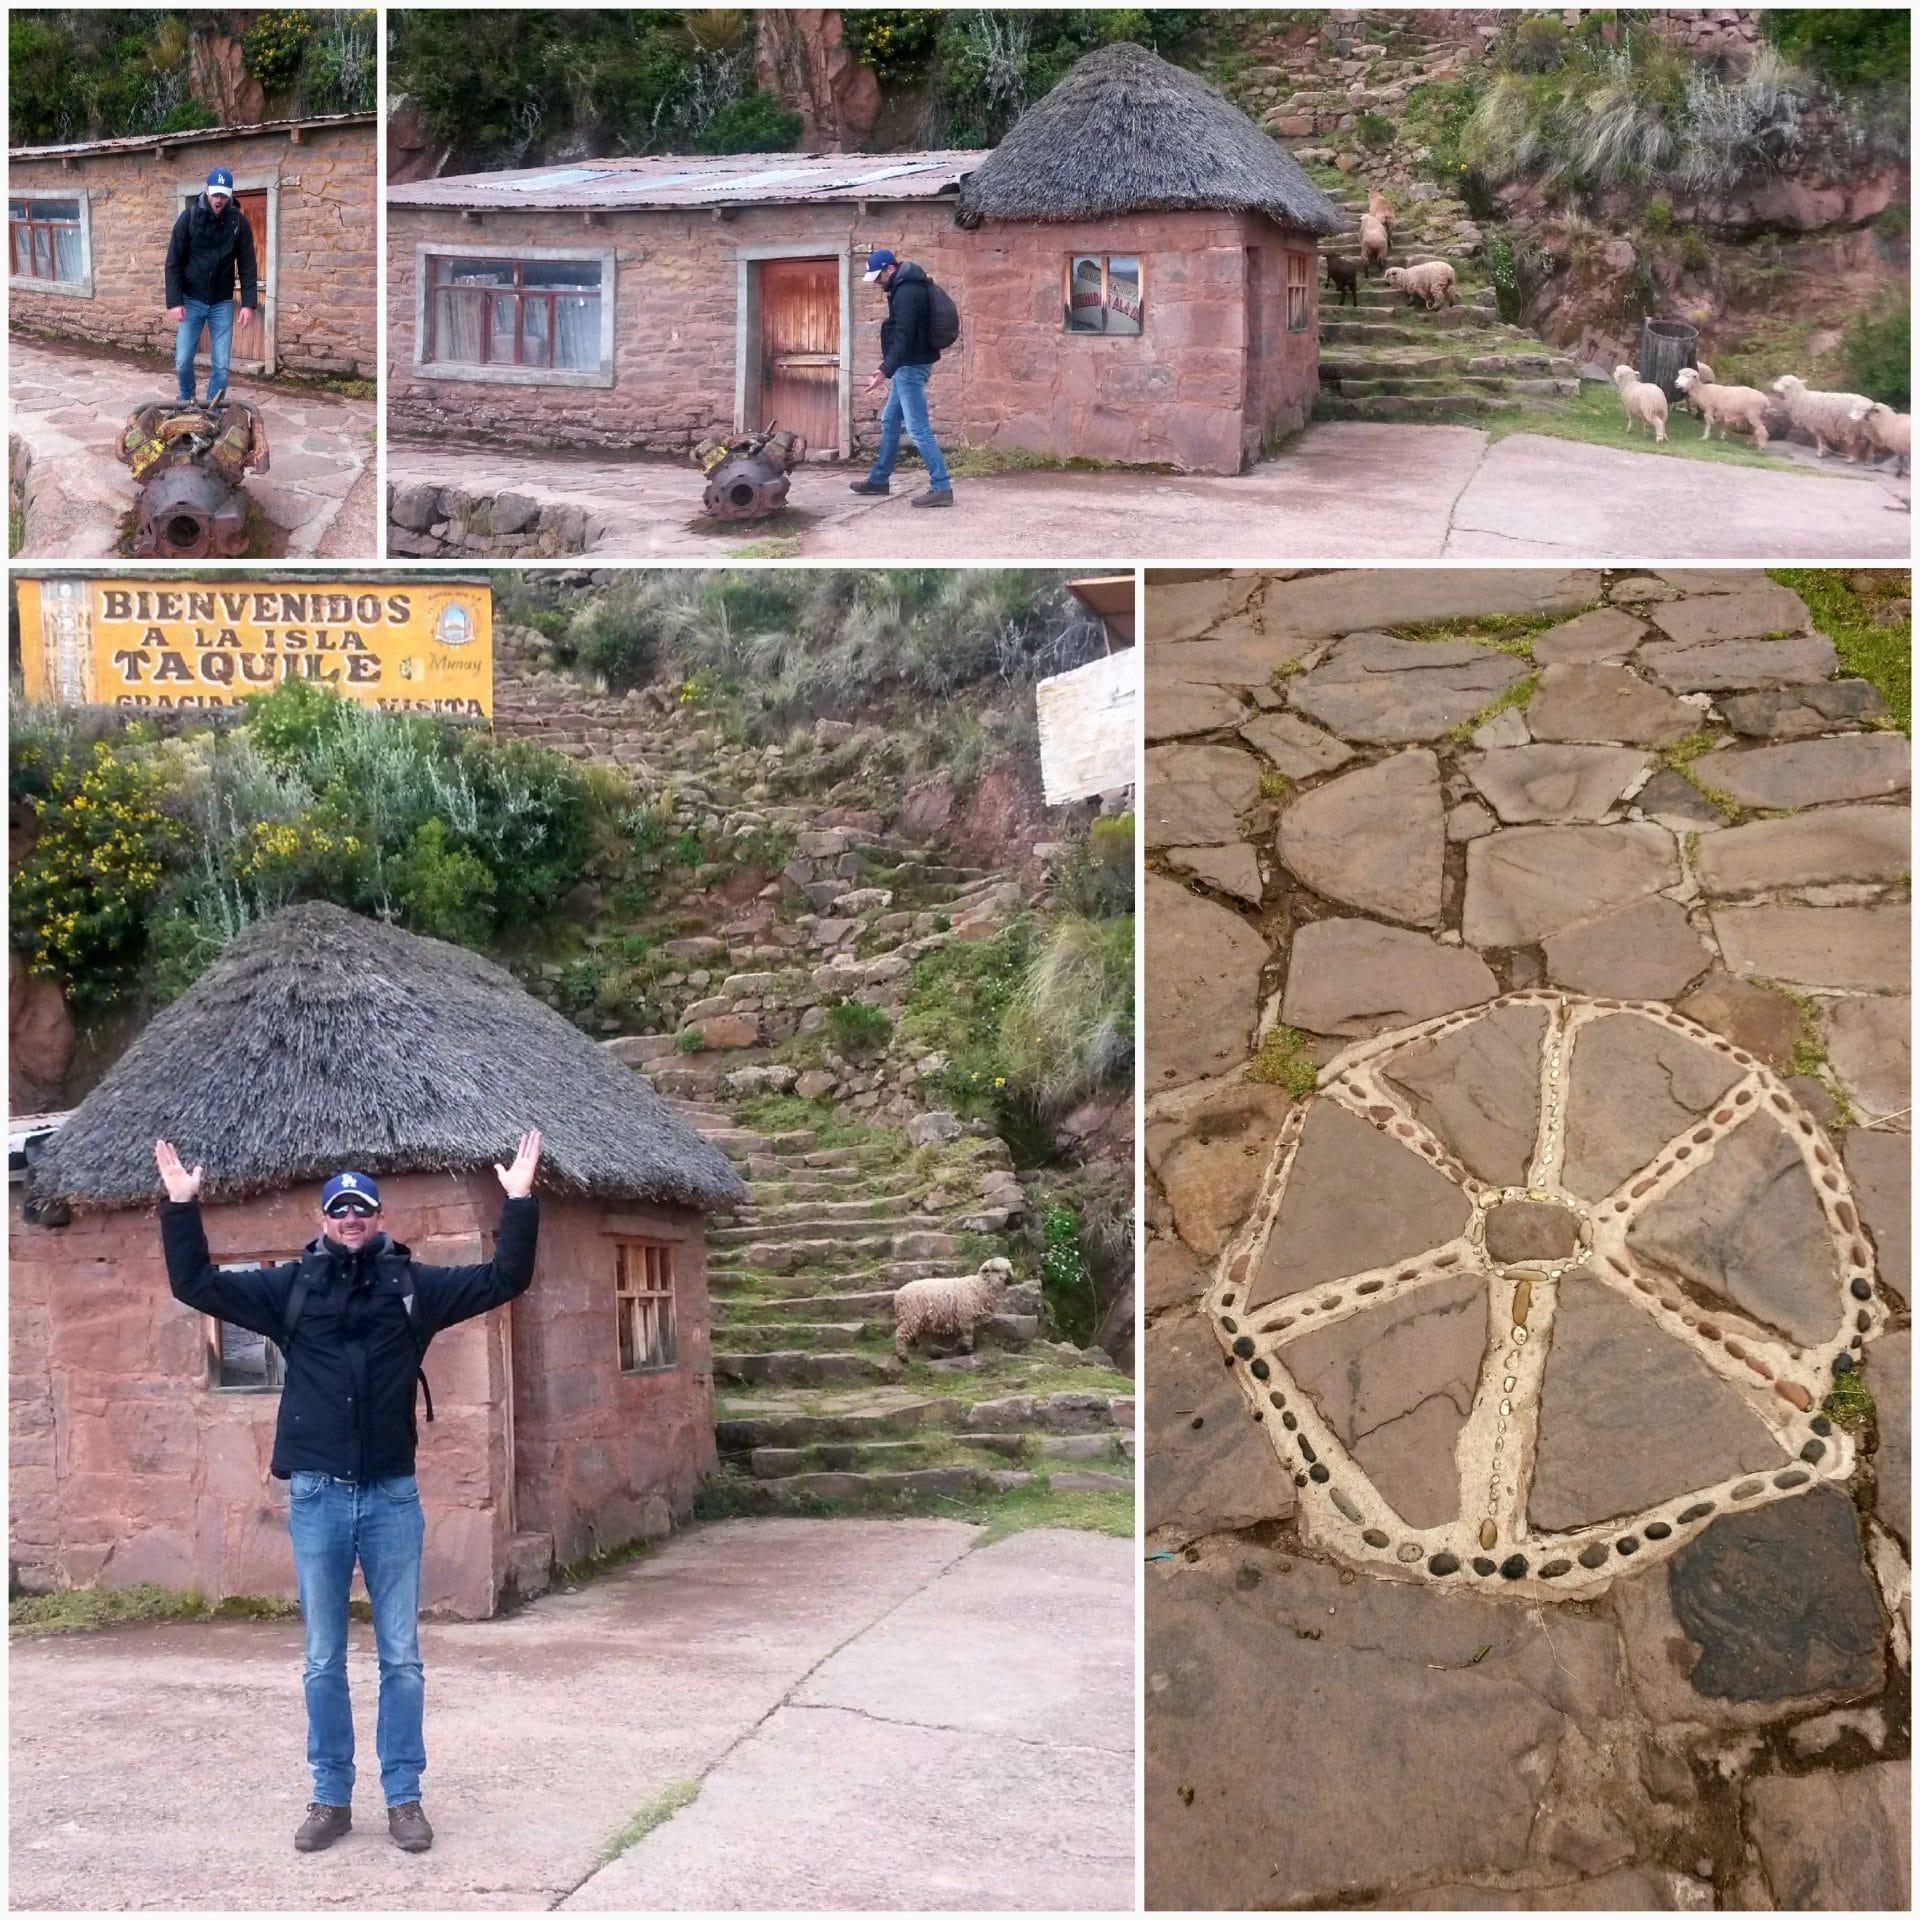 bienvenue sur l'île de Taquile